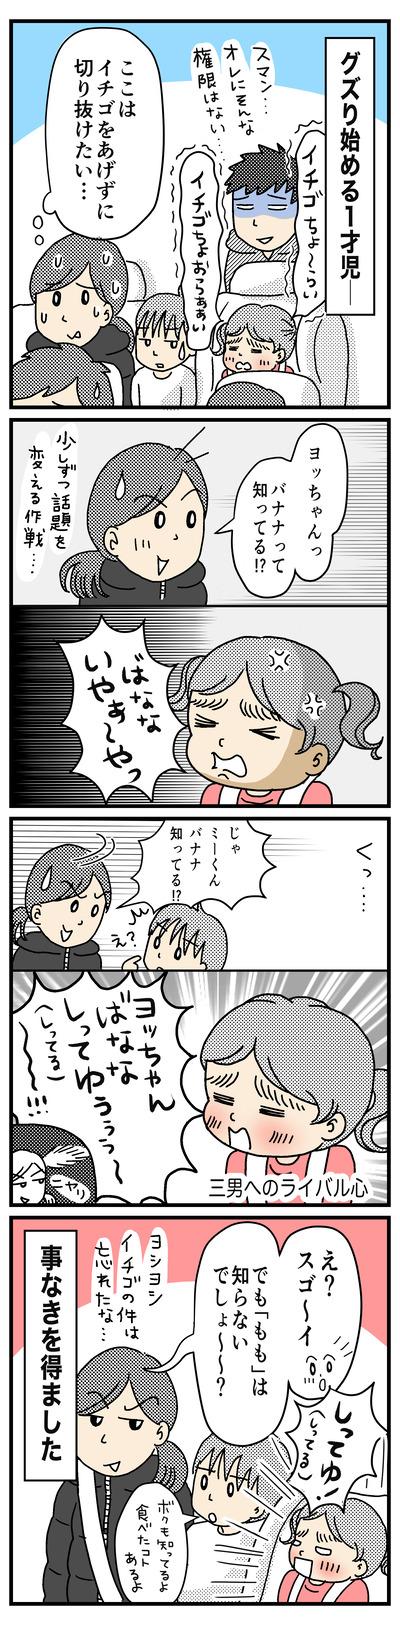 195 イヤイヤヨッちゃんへの対処(1才半〜2才)